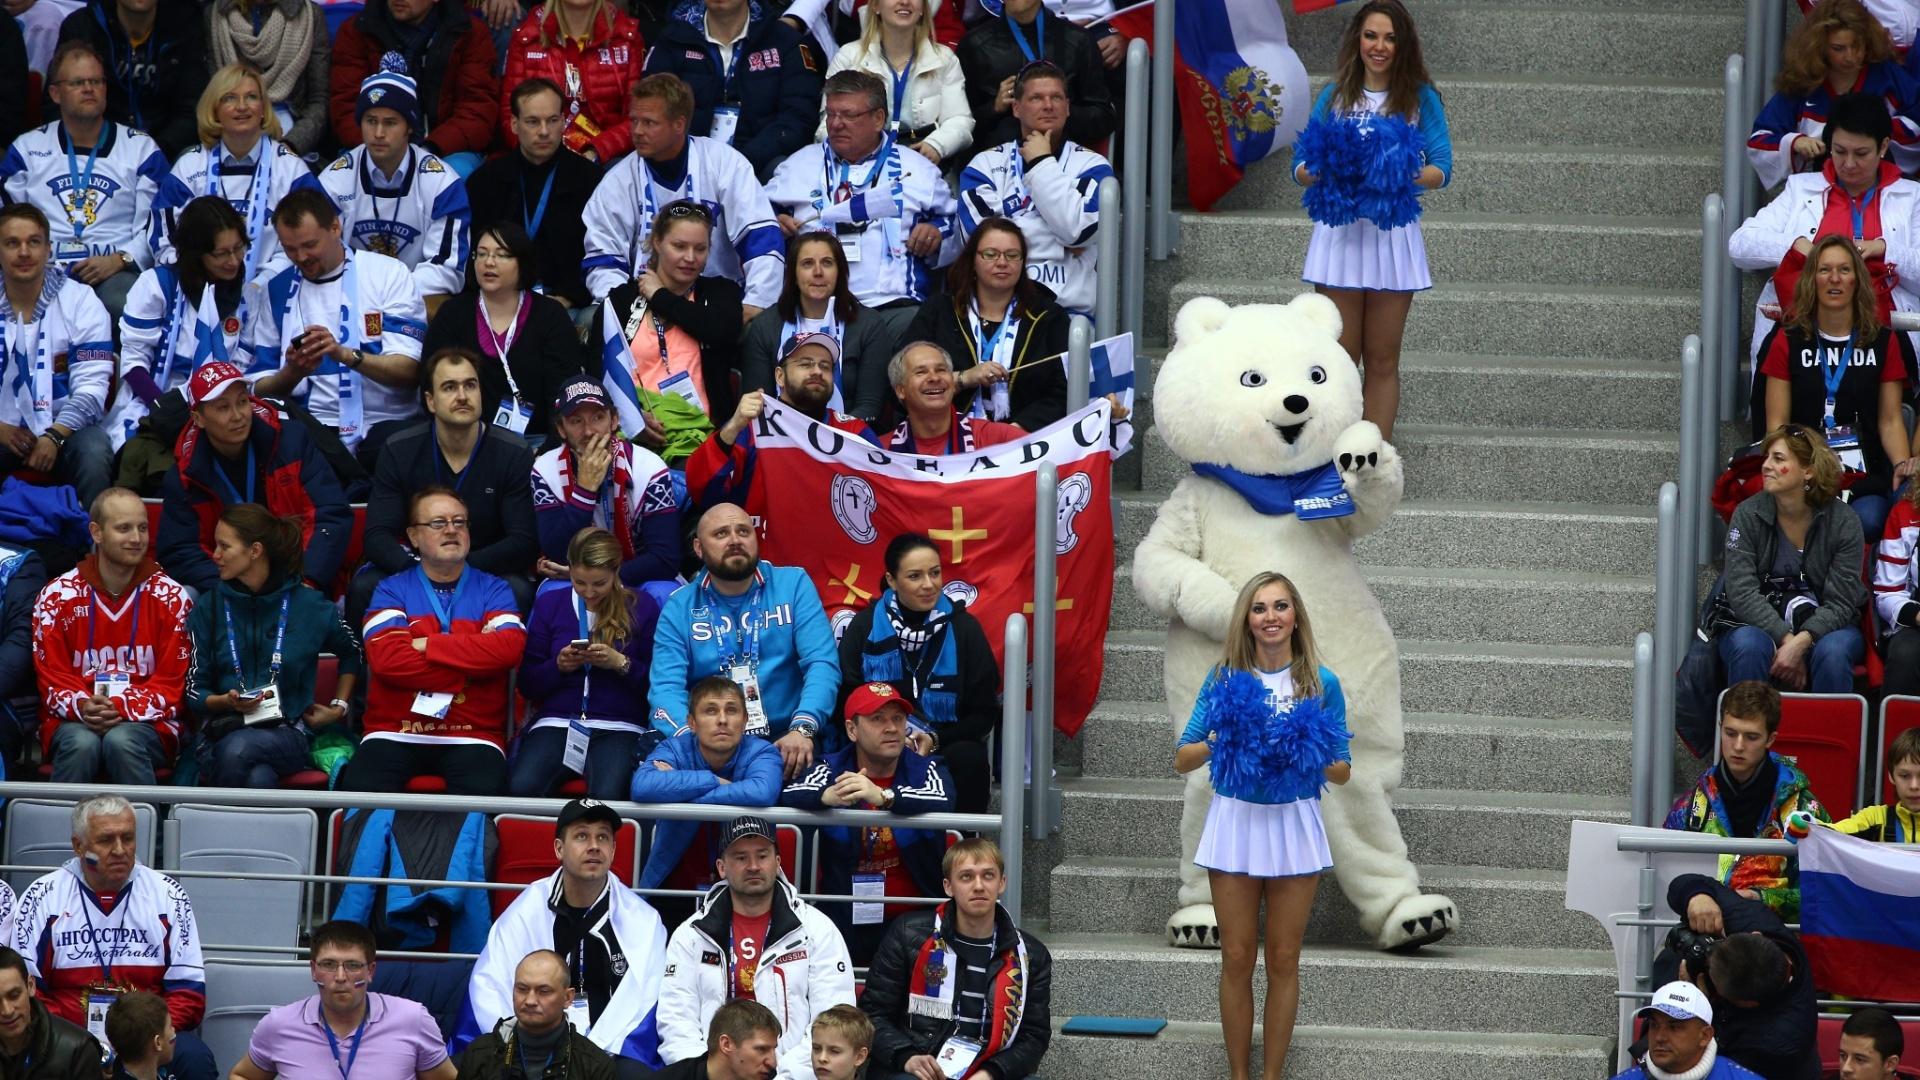 19.02.14 - Cheerleaders se apresentam em jogo das quartas de final do hóquei no gelo masculino em Sochi